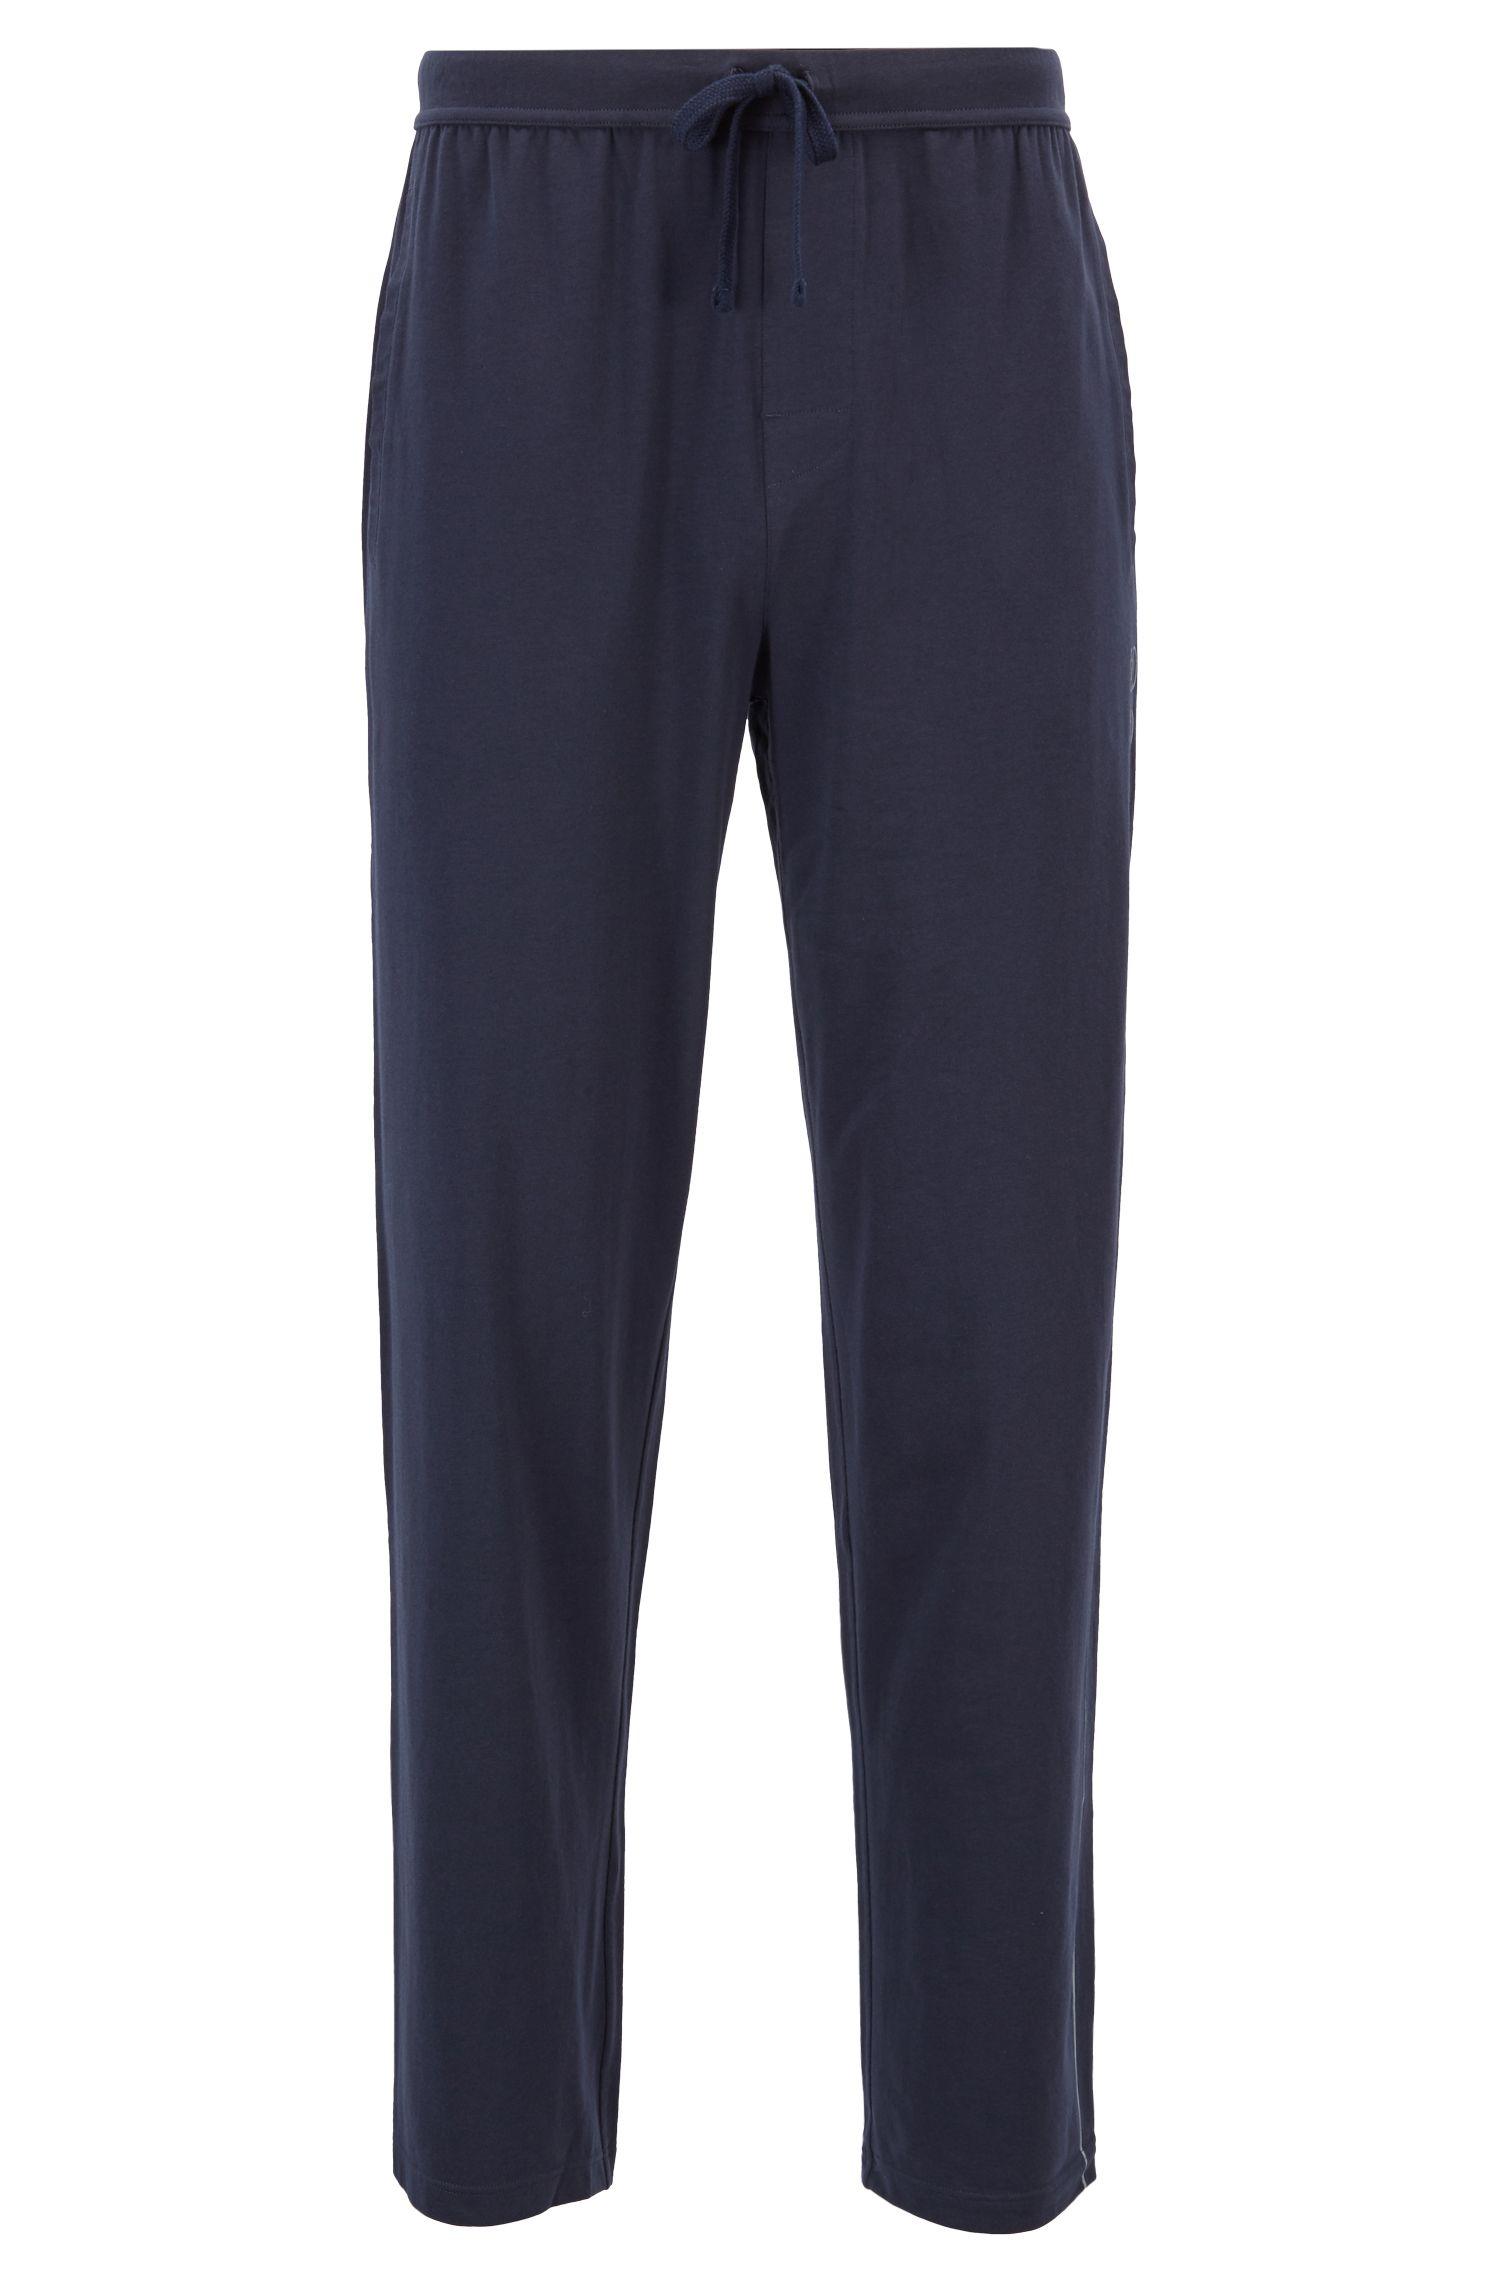 Pyjamabroek van stretchjersey met logoprint opzij, Donkerblauw